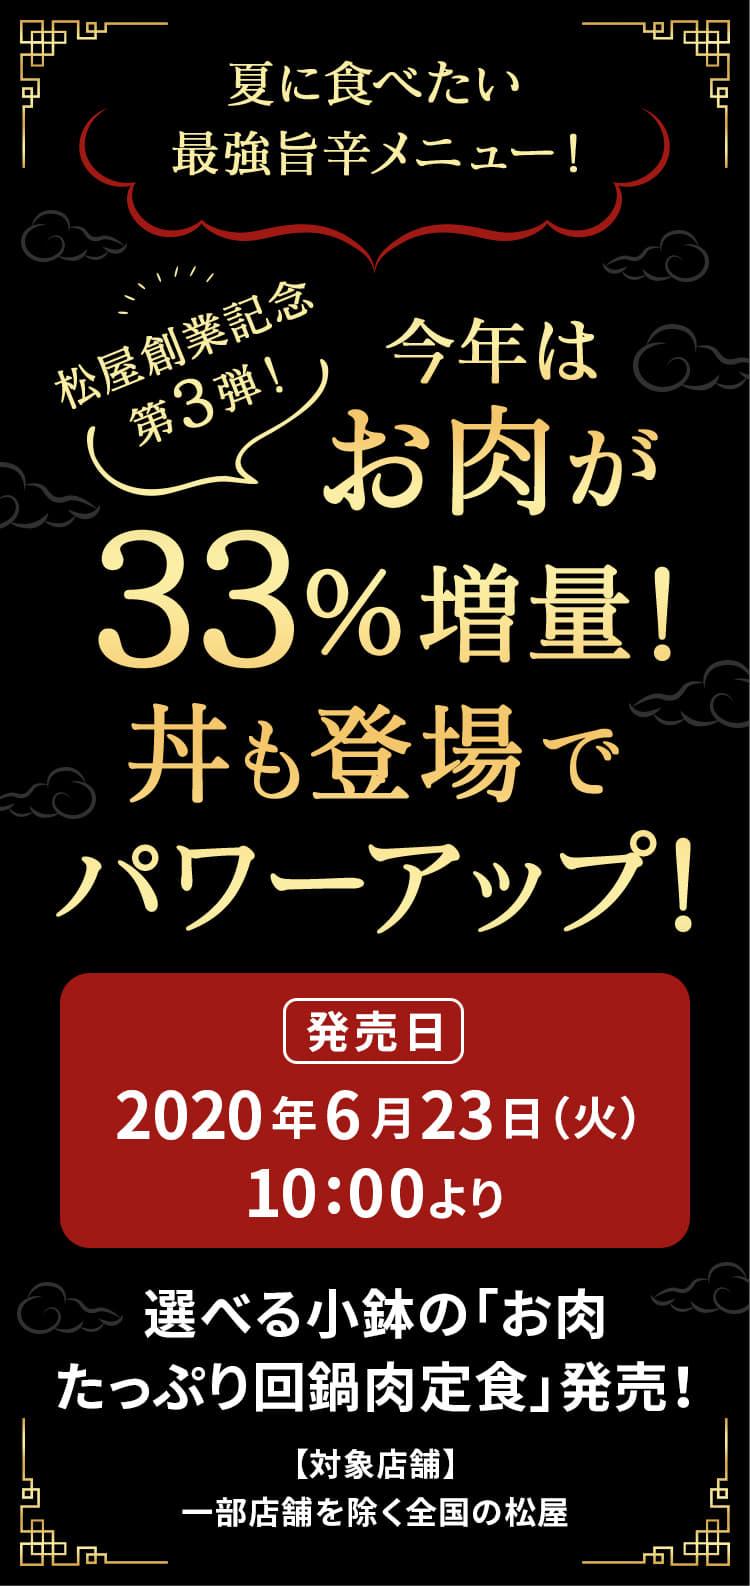 夏に食べたい 最強旨辛メニュー!松屋創業記念 第3弾!今年はお肉が33%増量! 丼も登場でパワーアップ!2020年6月23日(火)午前10時より発売です。